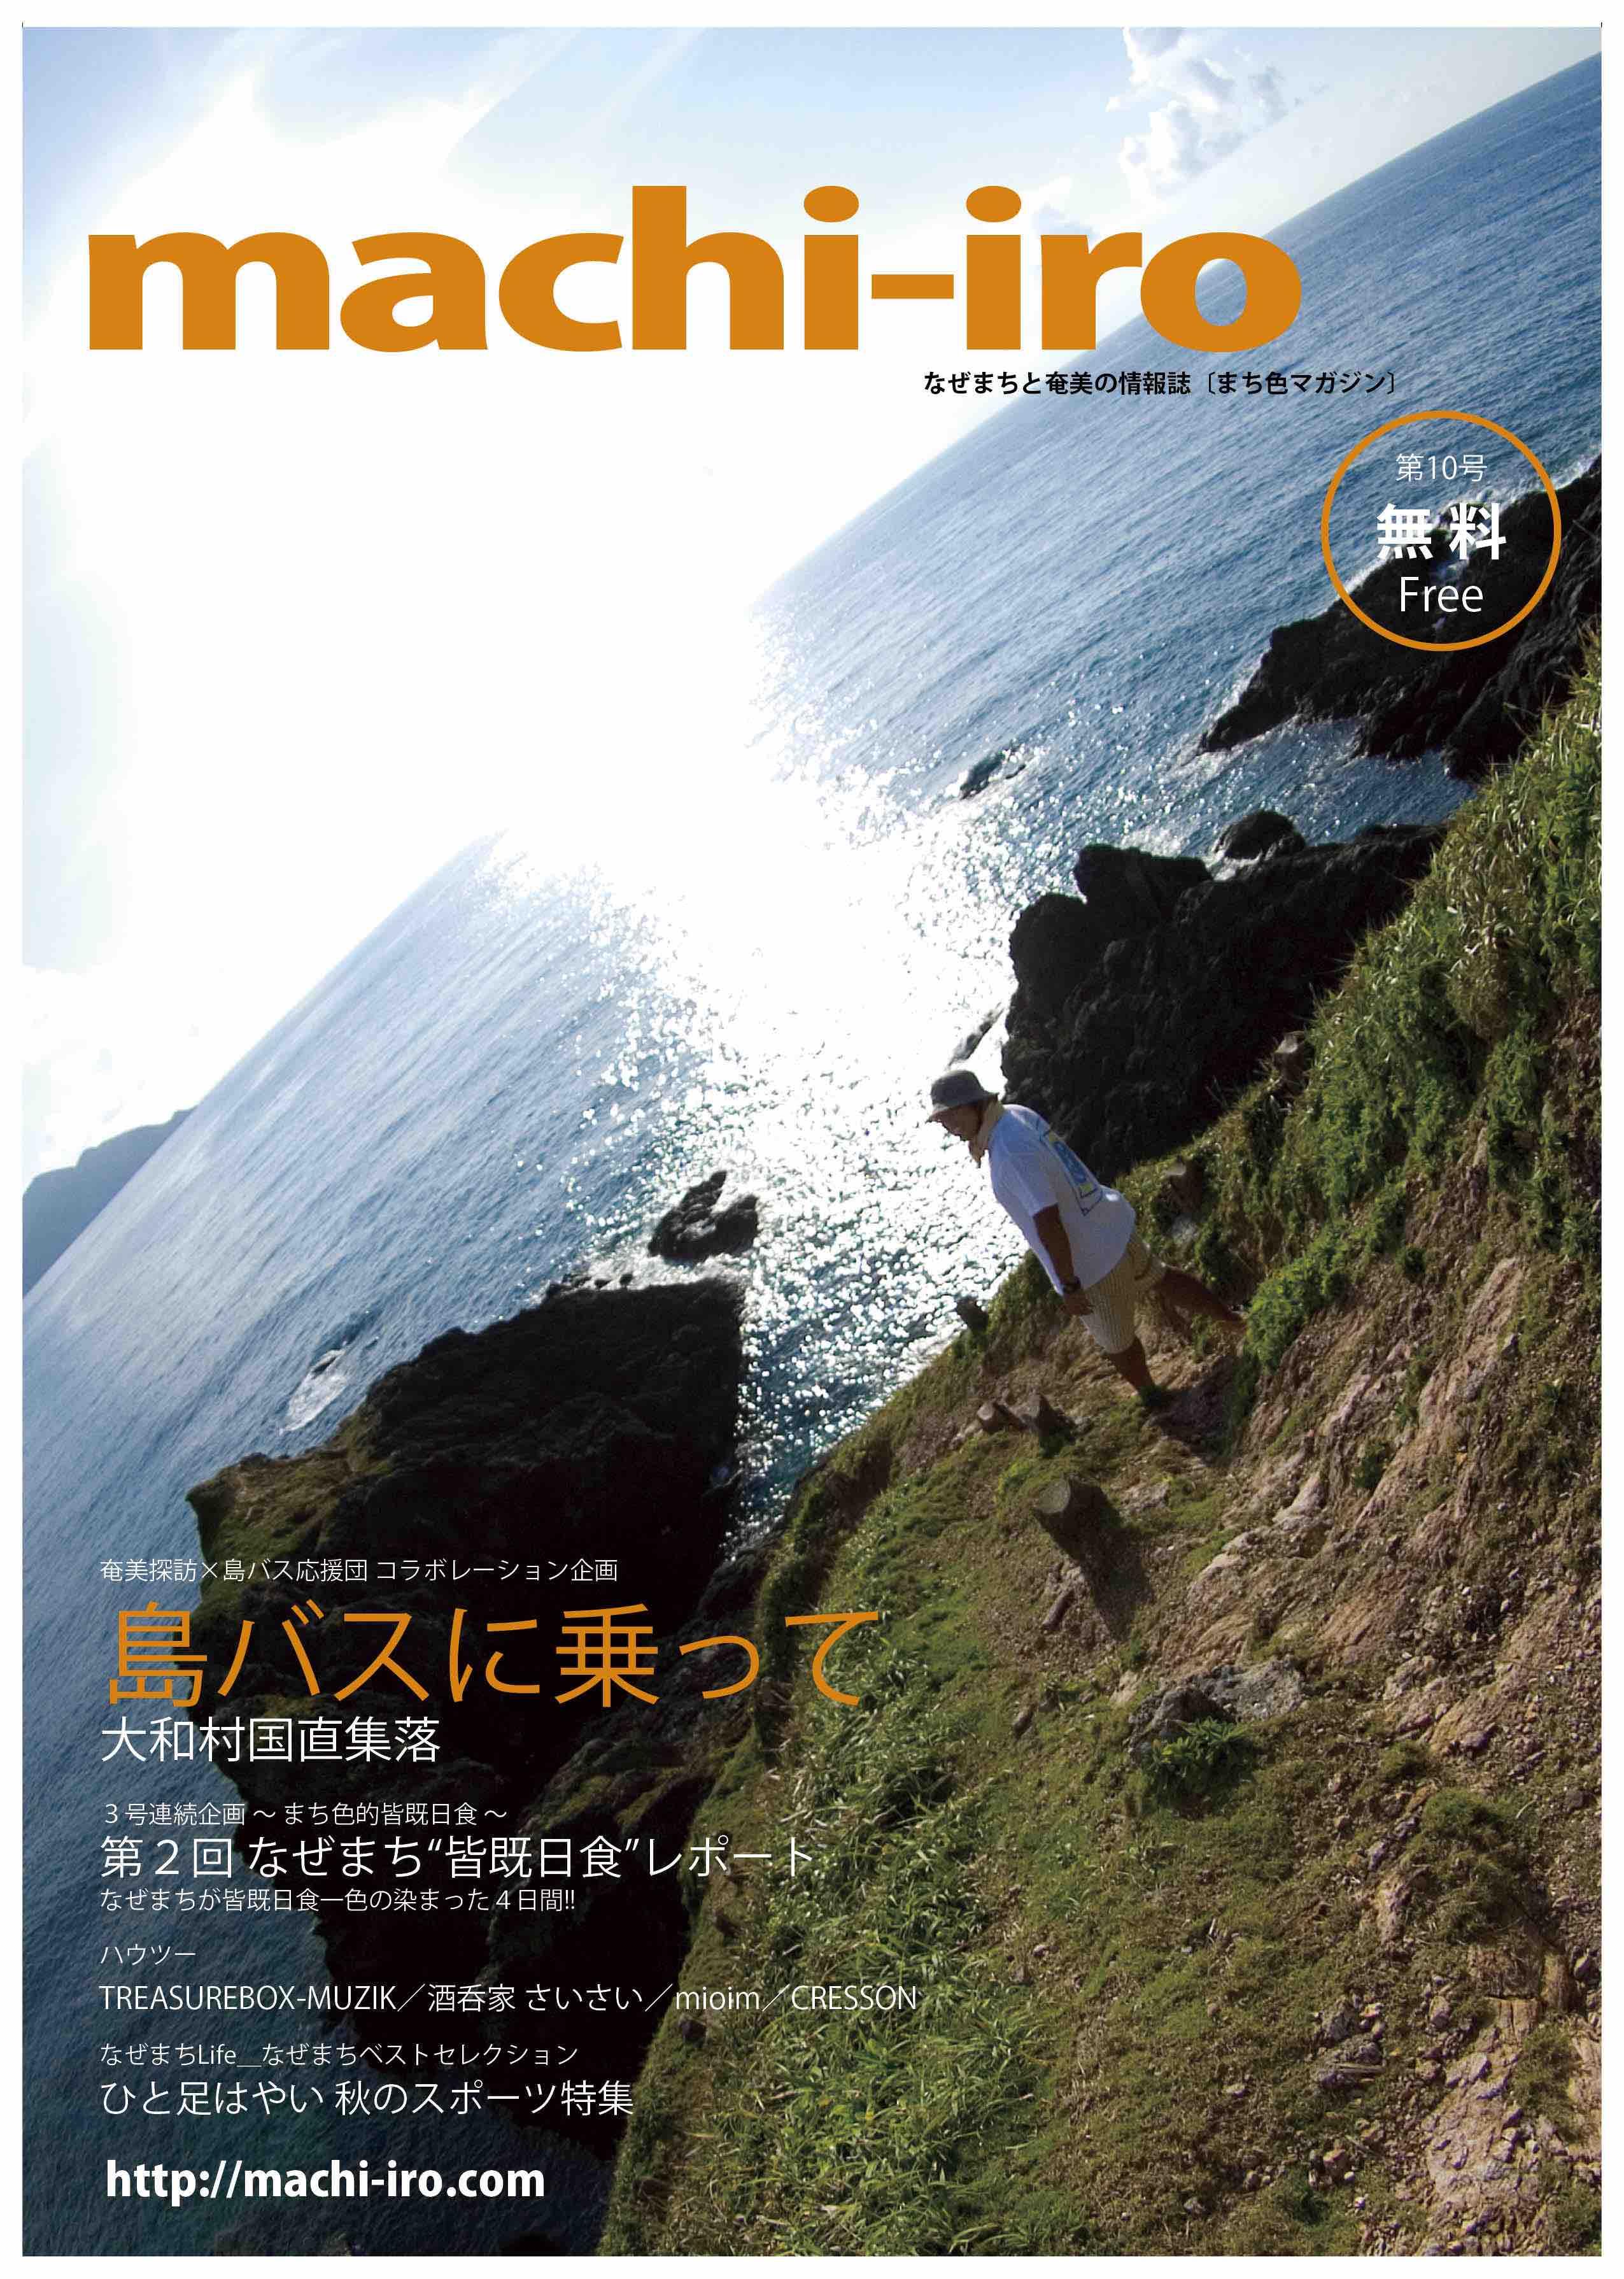 machi-iro magazine #10